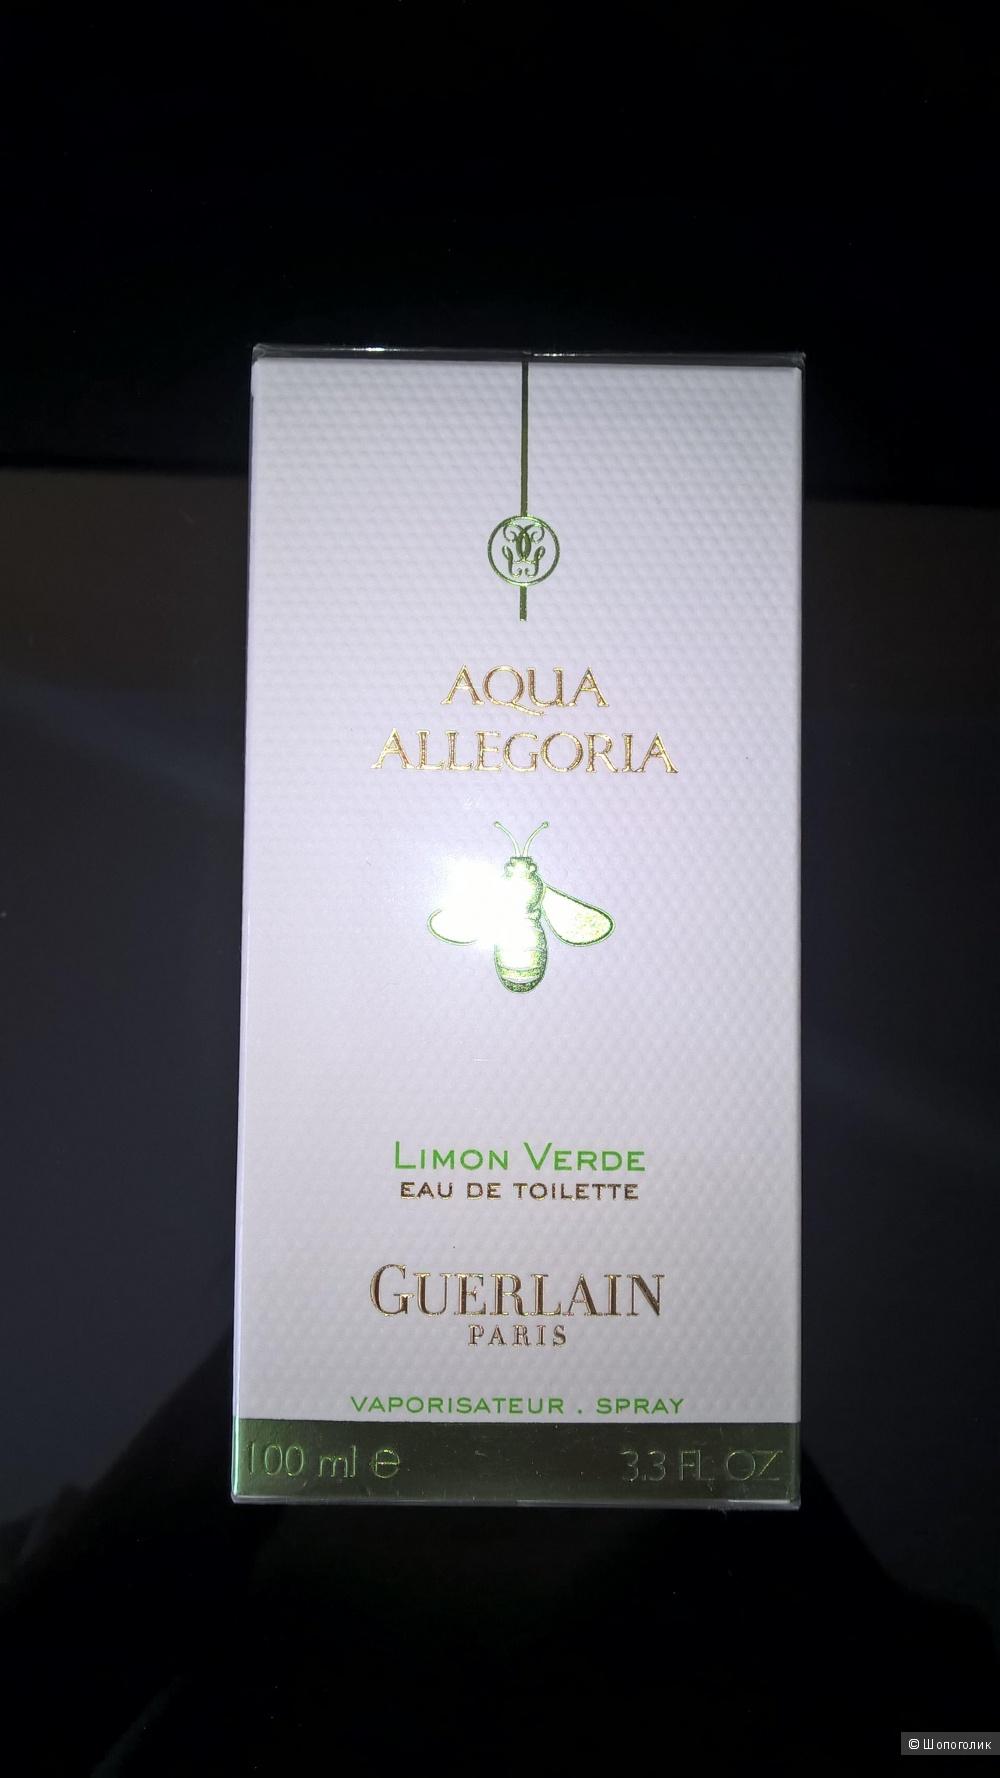 Туалетная вода Guerlain Aqua Allegoria Limon Verde 100 мл новая запечатанная в слюде